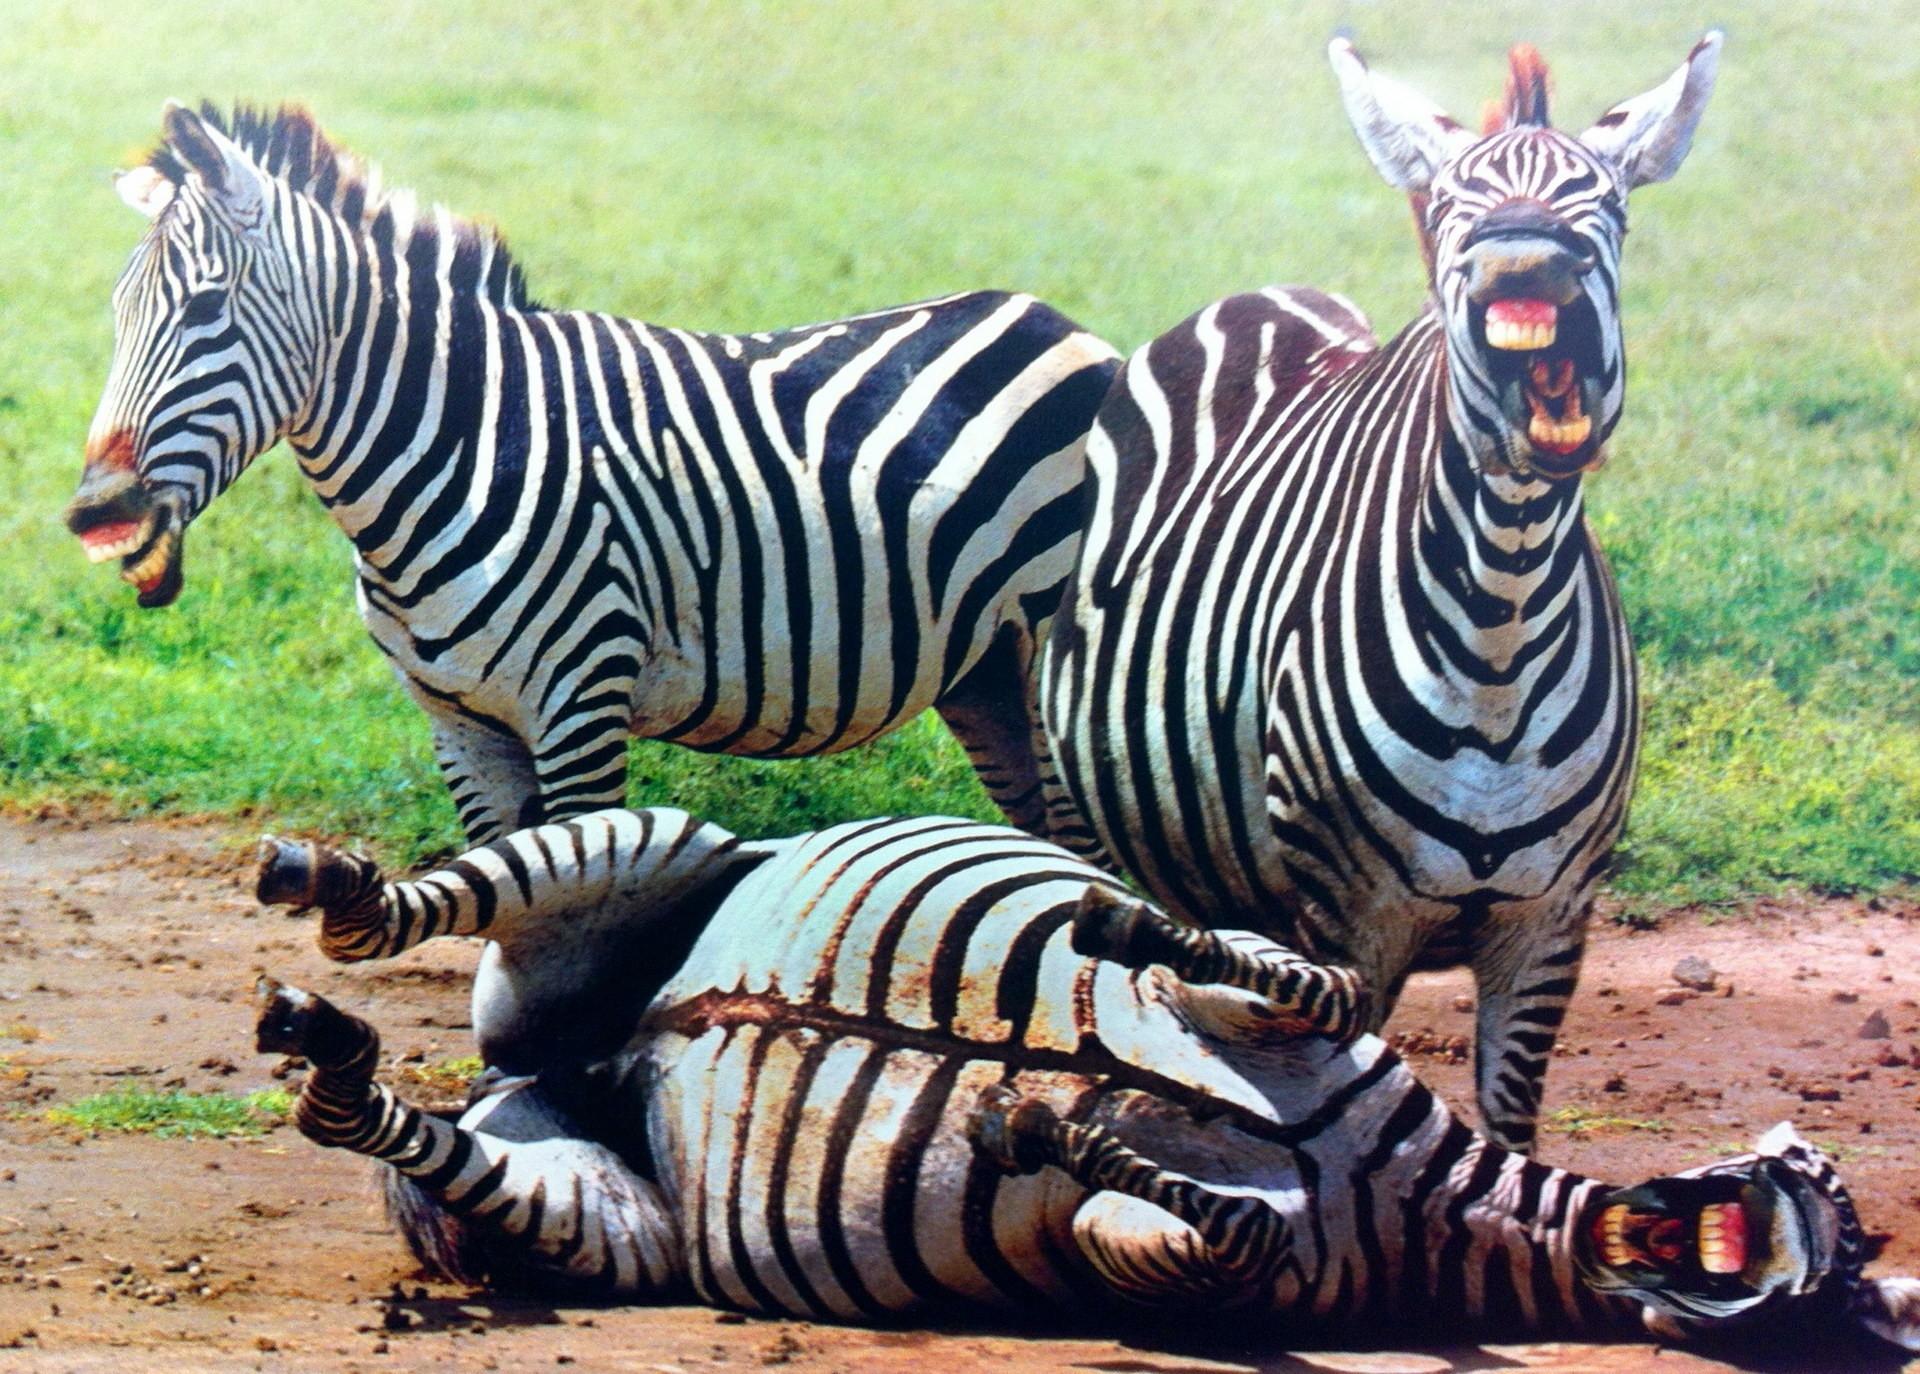 Картинка зебры прикольная, открытки иркутске картинки